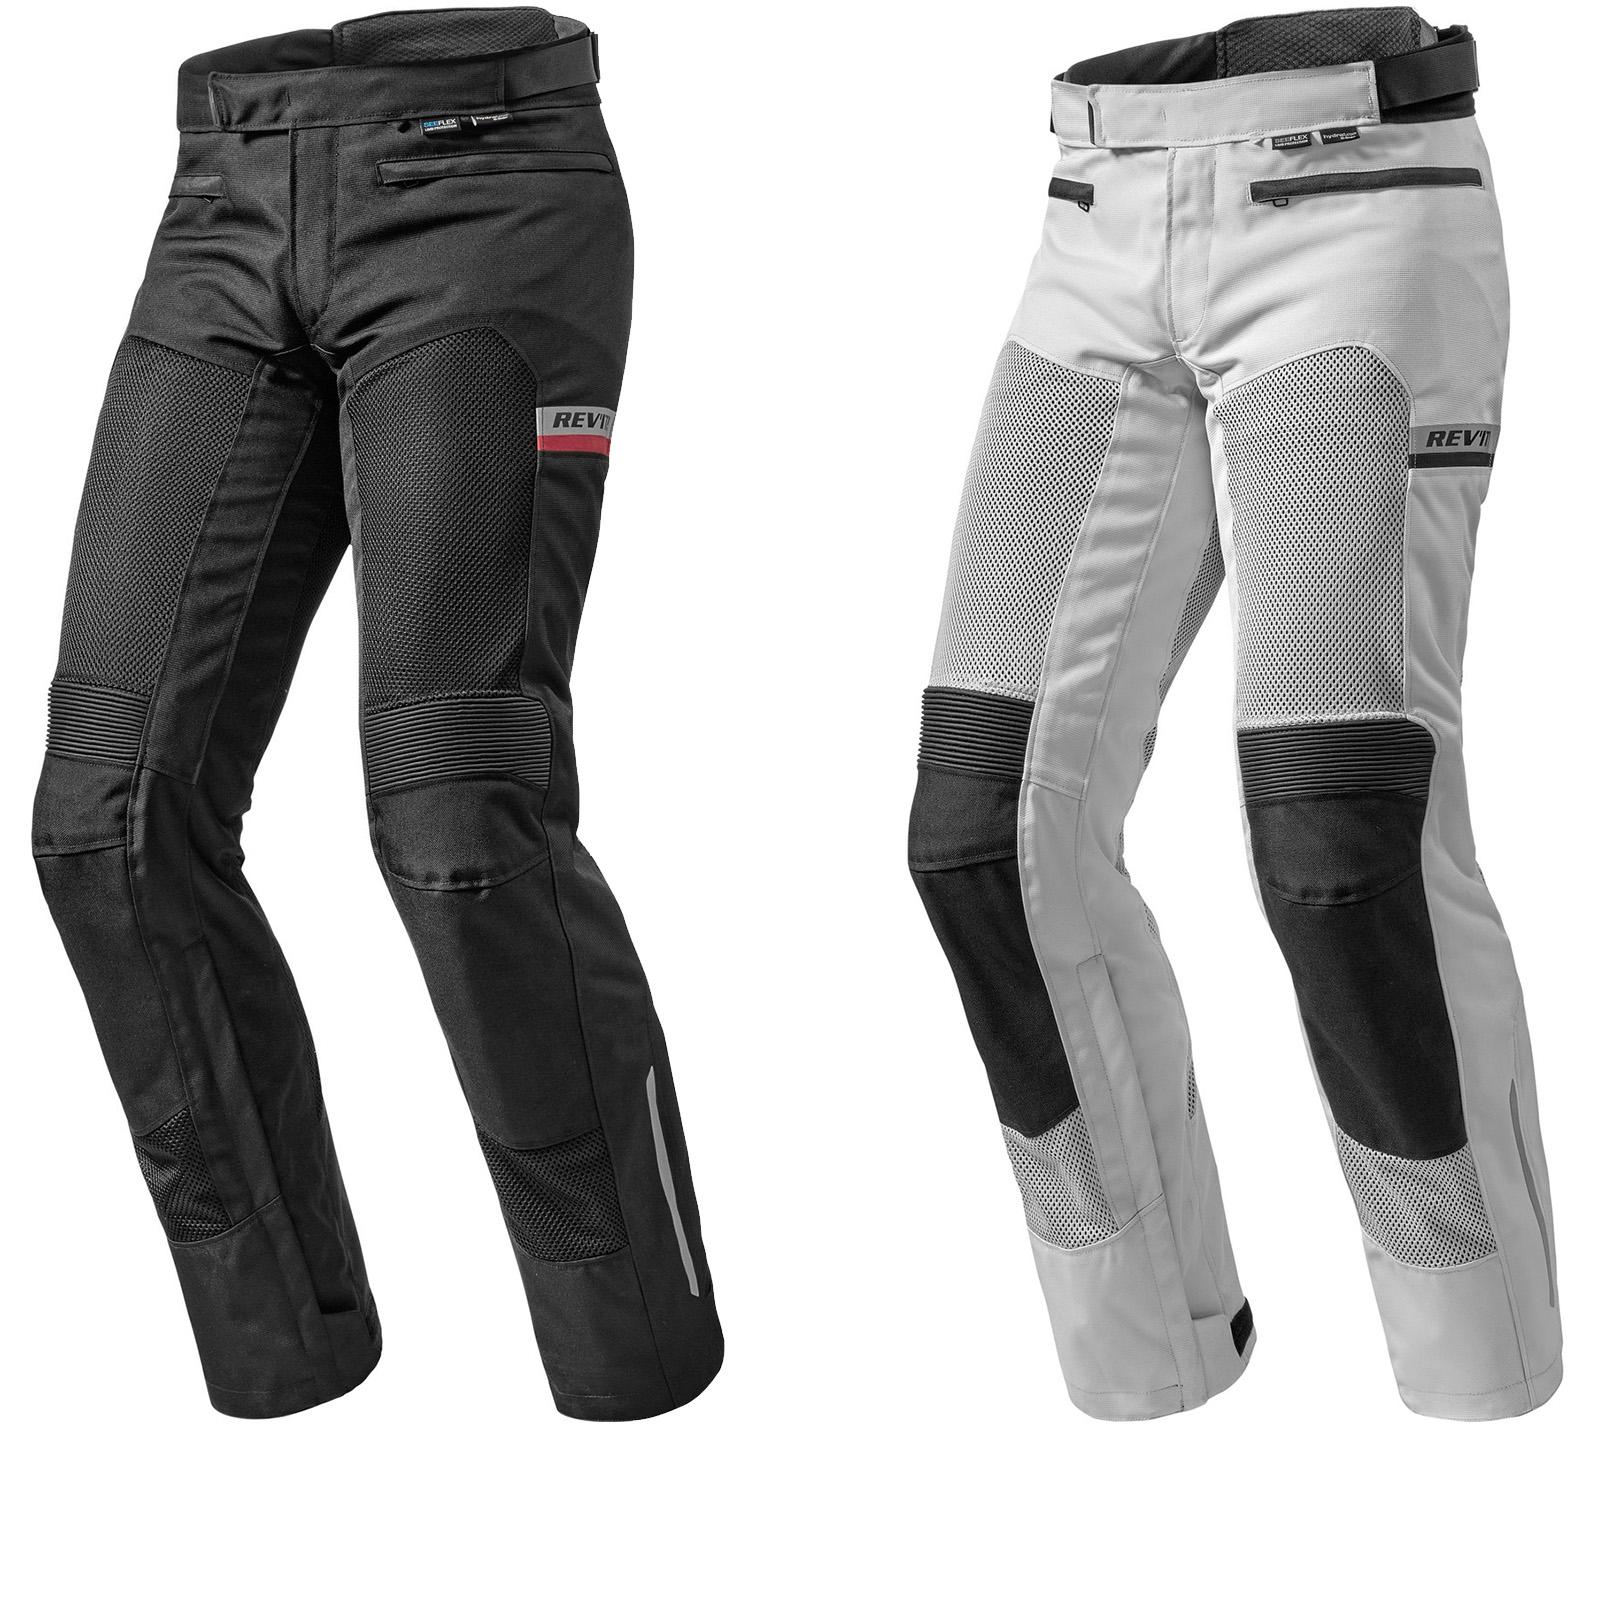 Revit Tornado 2 Textile Pants - buy cheap ▷ FC-Moto